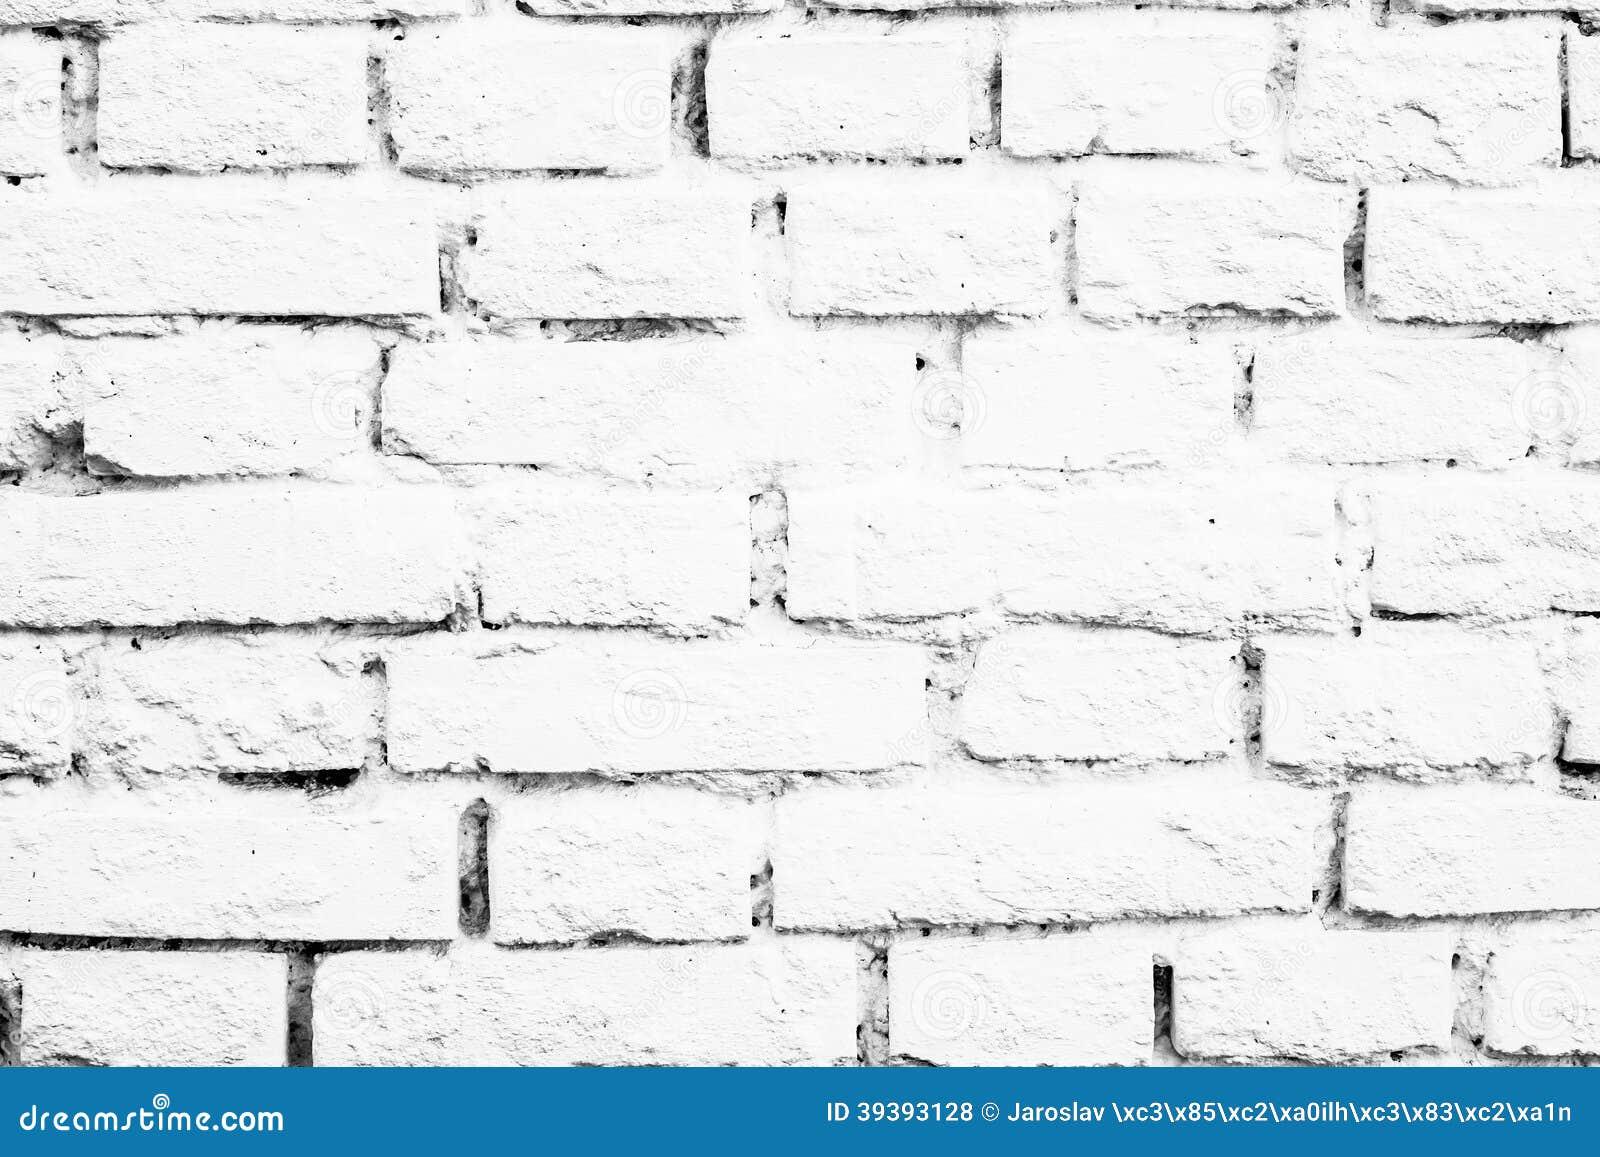 briques blanches de mur photo stock image du ligne mat riau 39393128. Black Bedroom Furniture Sets. Home Design Ideas